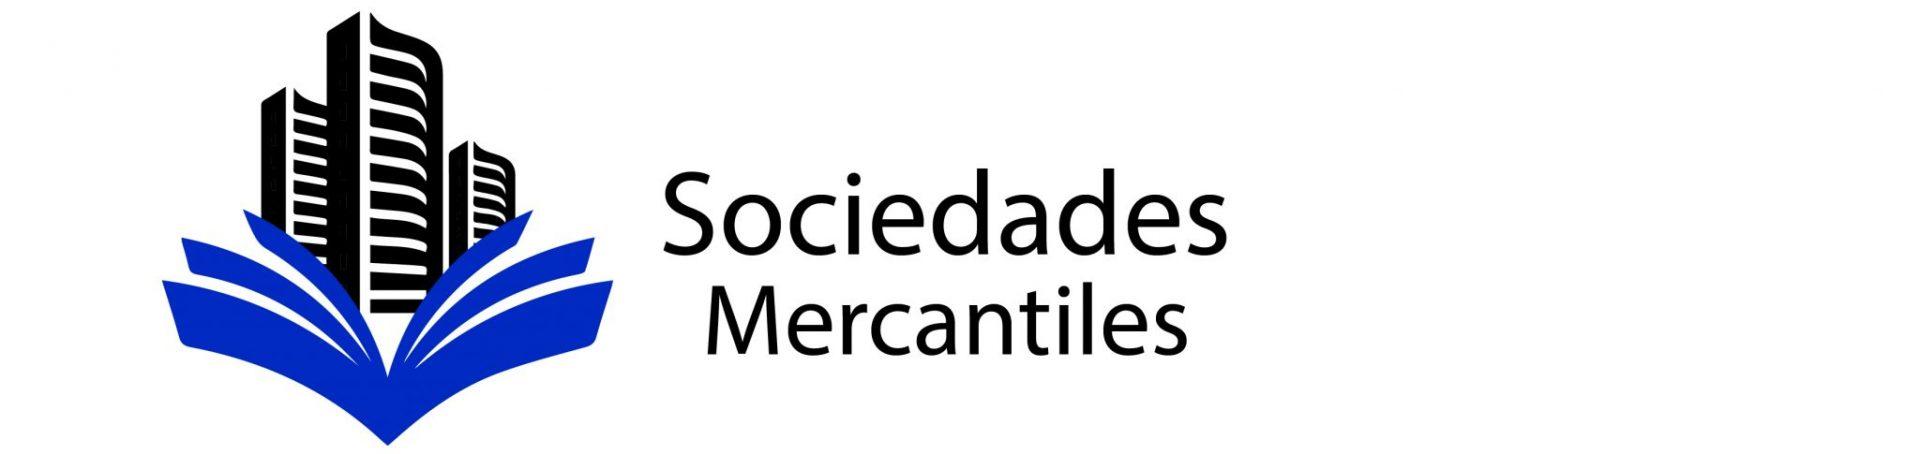 INTRODUCCION A LAS SOCIEDADES MERCANTILES